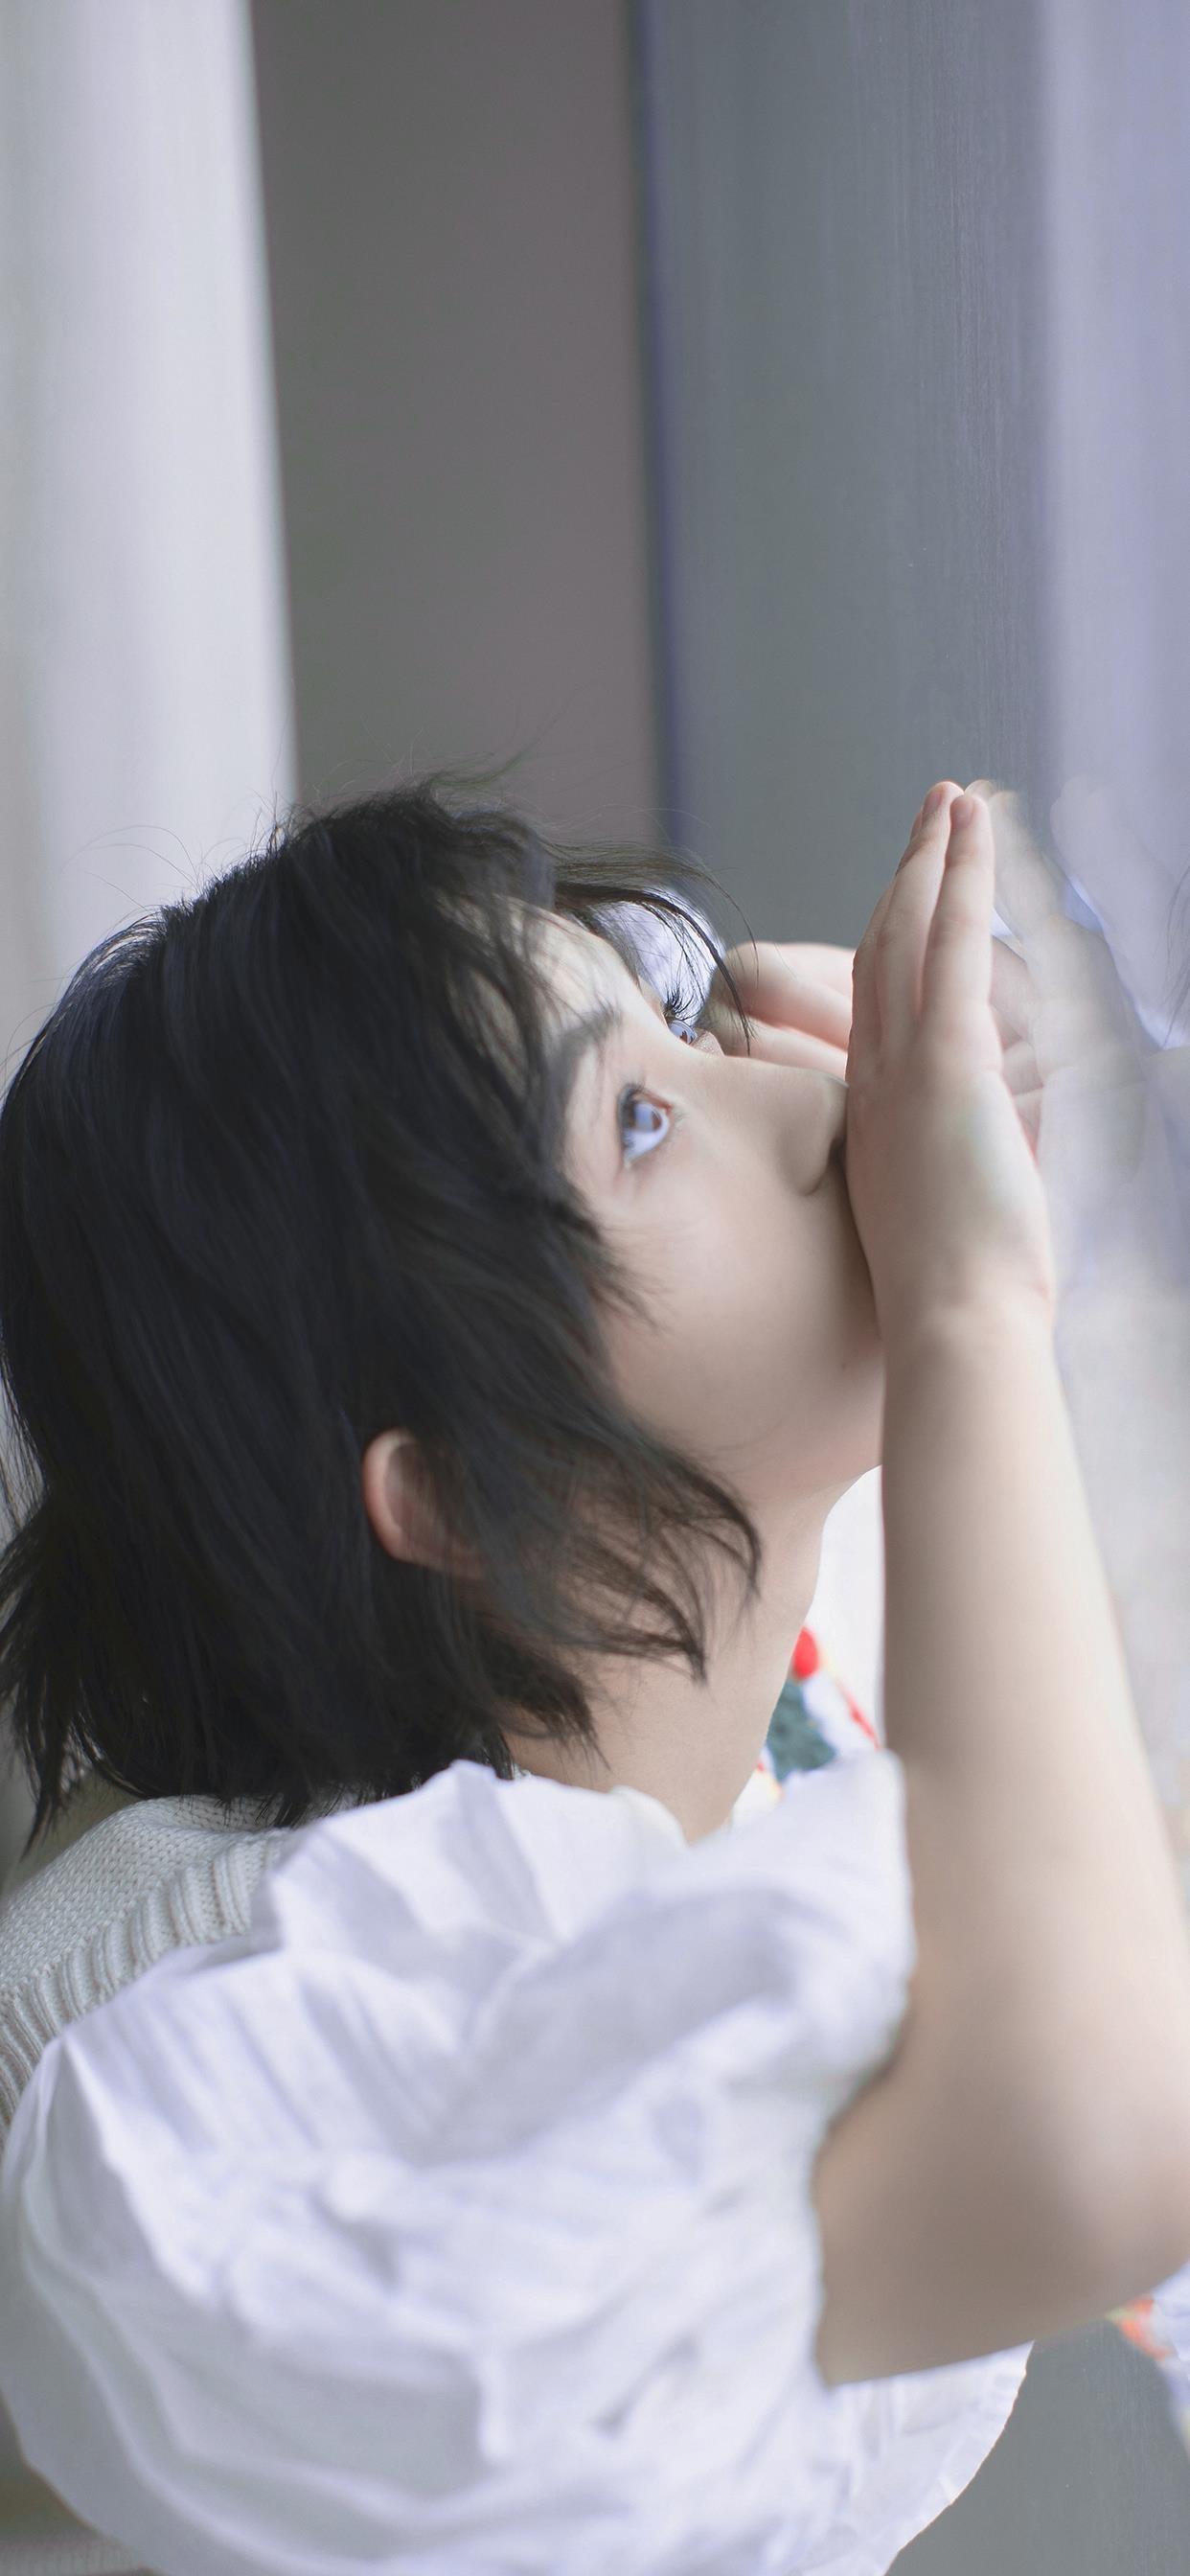 张子枫明星写真手机壁纸